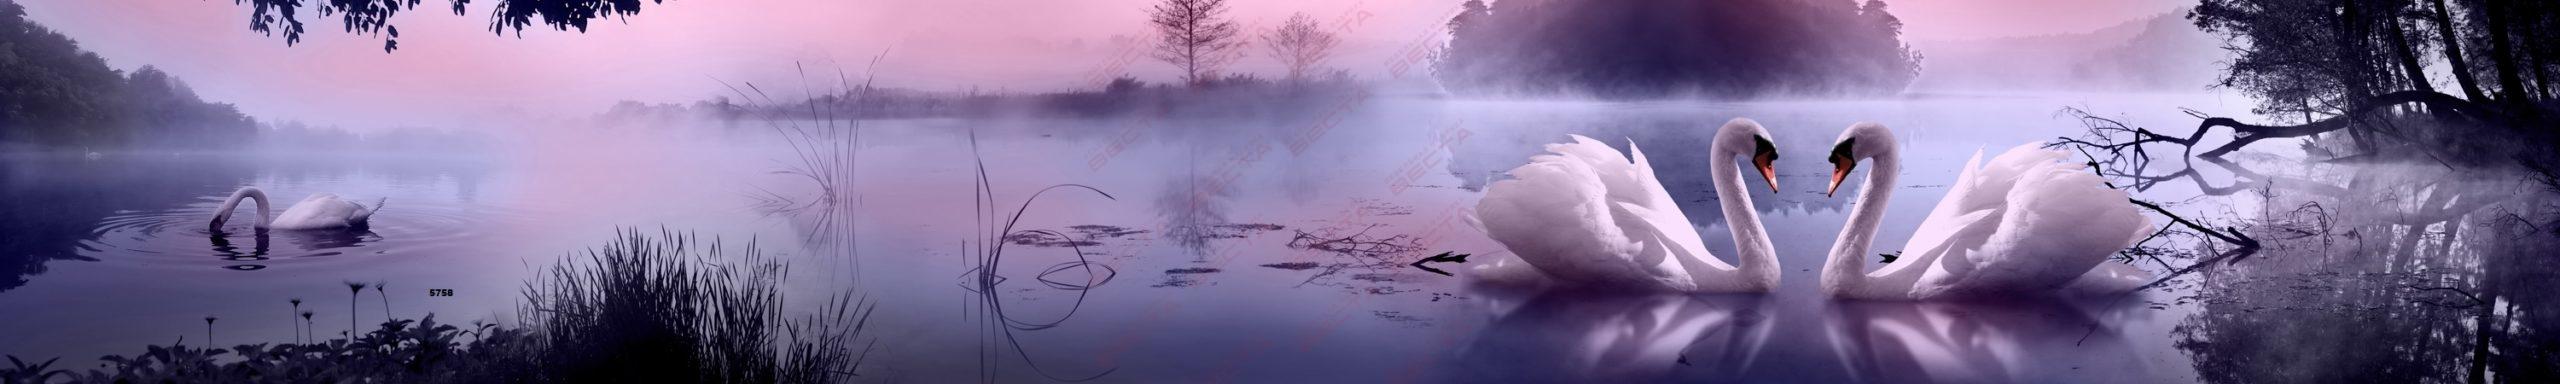 Фартуки Природа,пейзажи-2